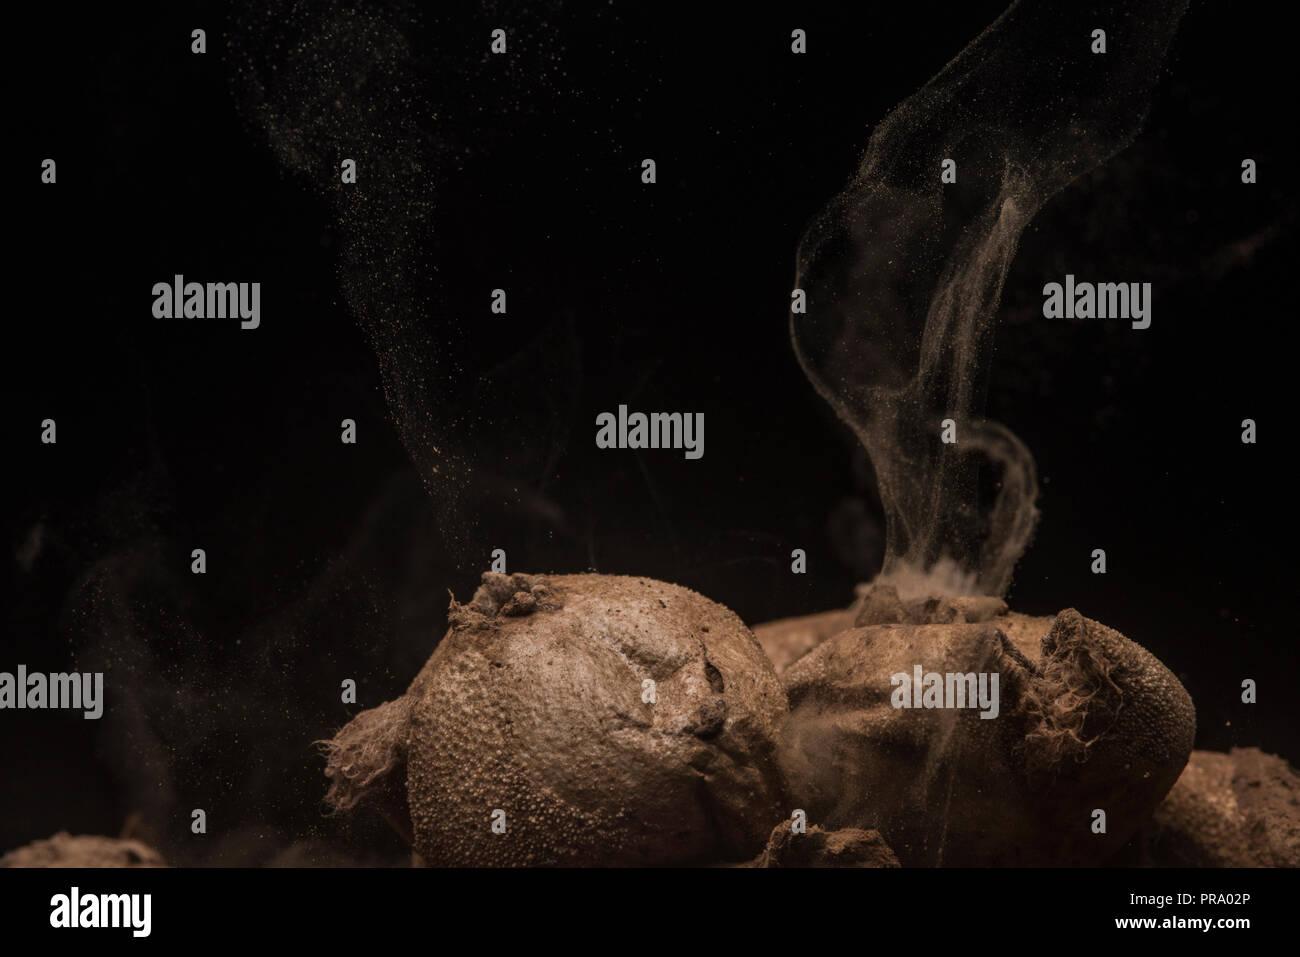 Black Spores Stock Photos & Black Spores Stock Images - Alamy